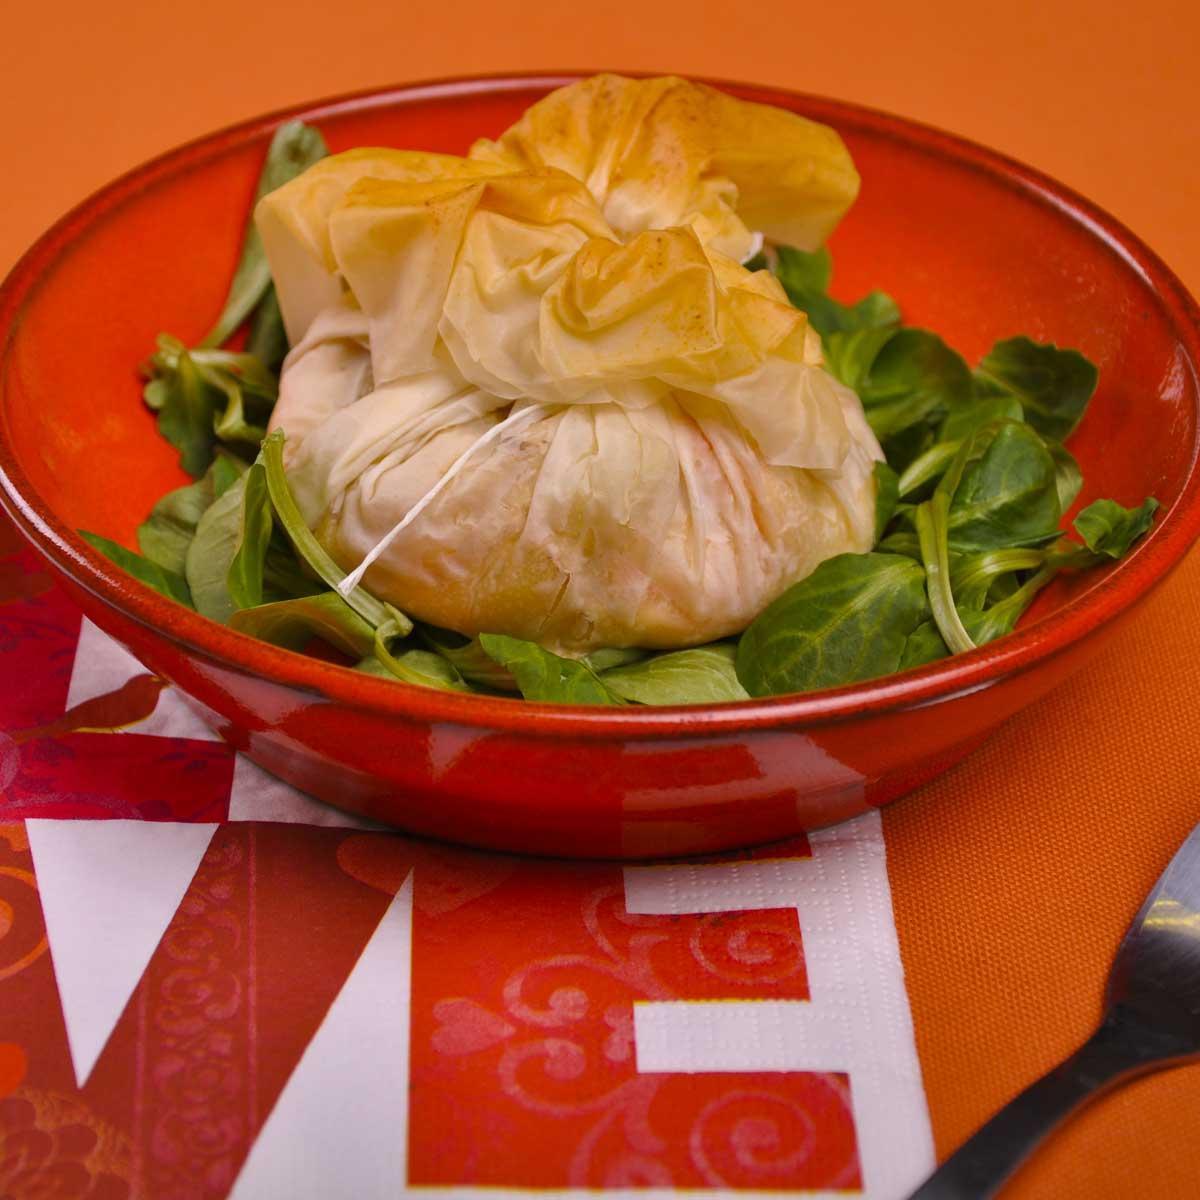 Recette aumoni res aux noix de saint jacques cuisine - Cuisine noix de saint jacques ...